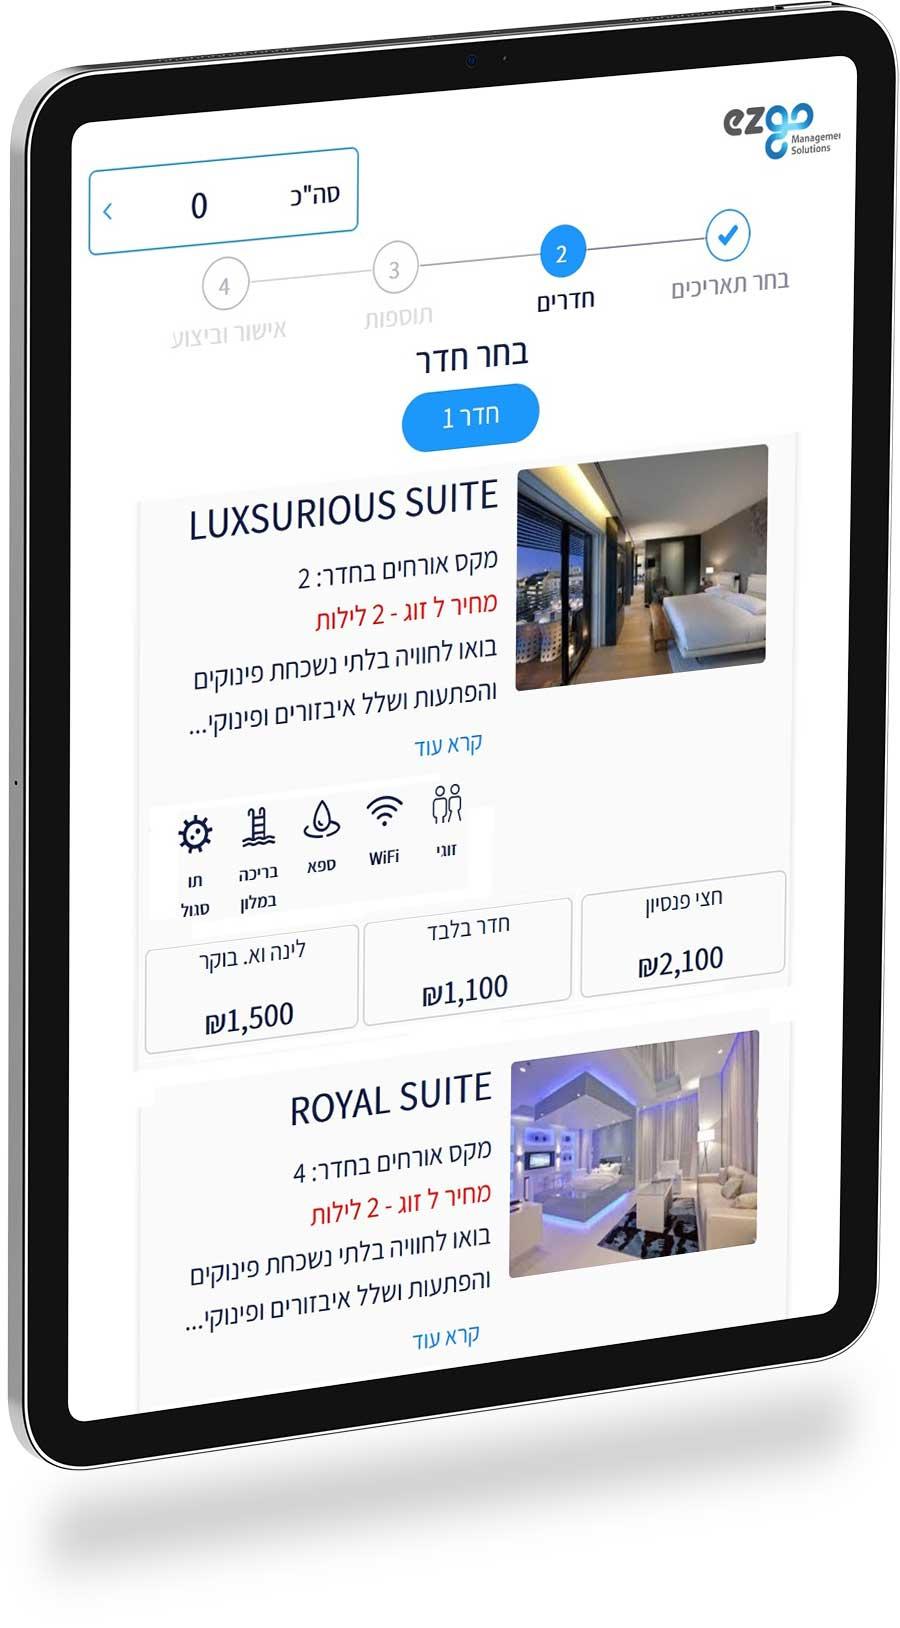 ipad_hotels